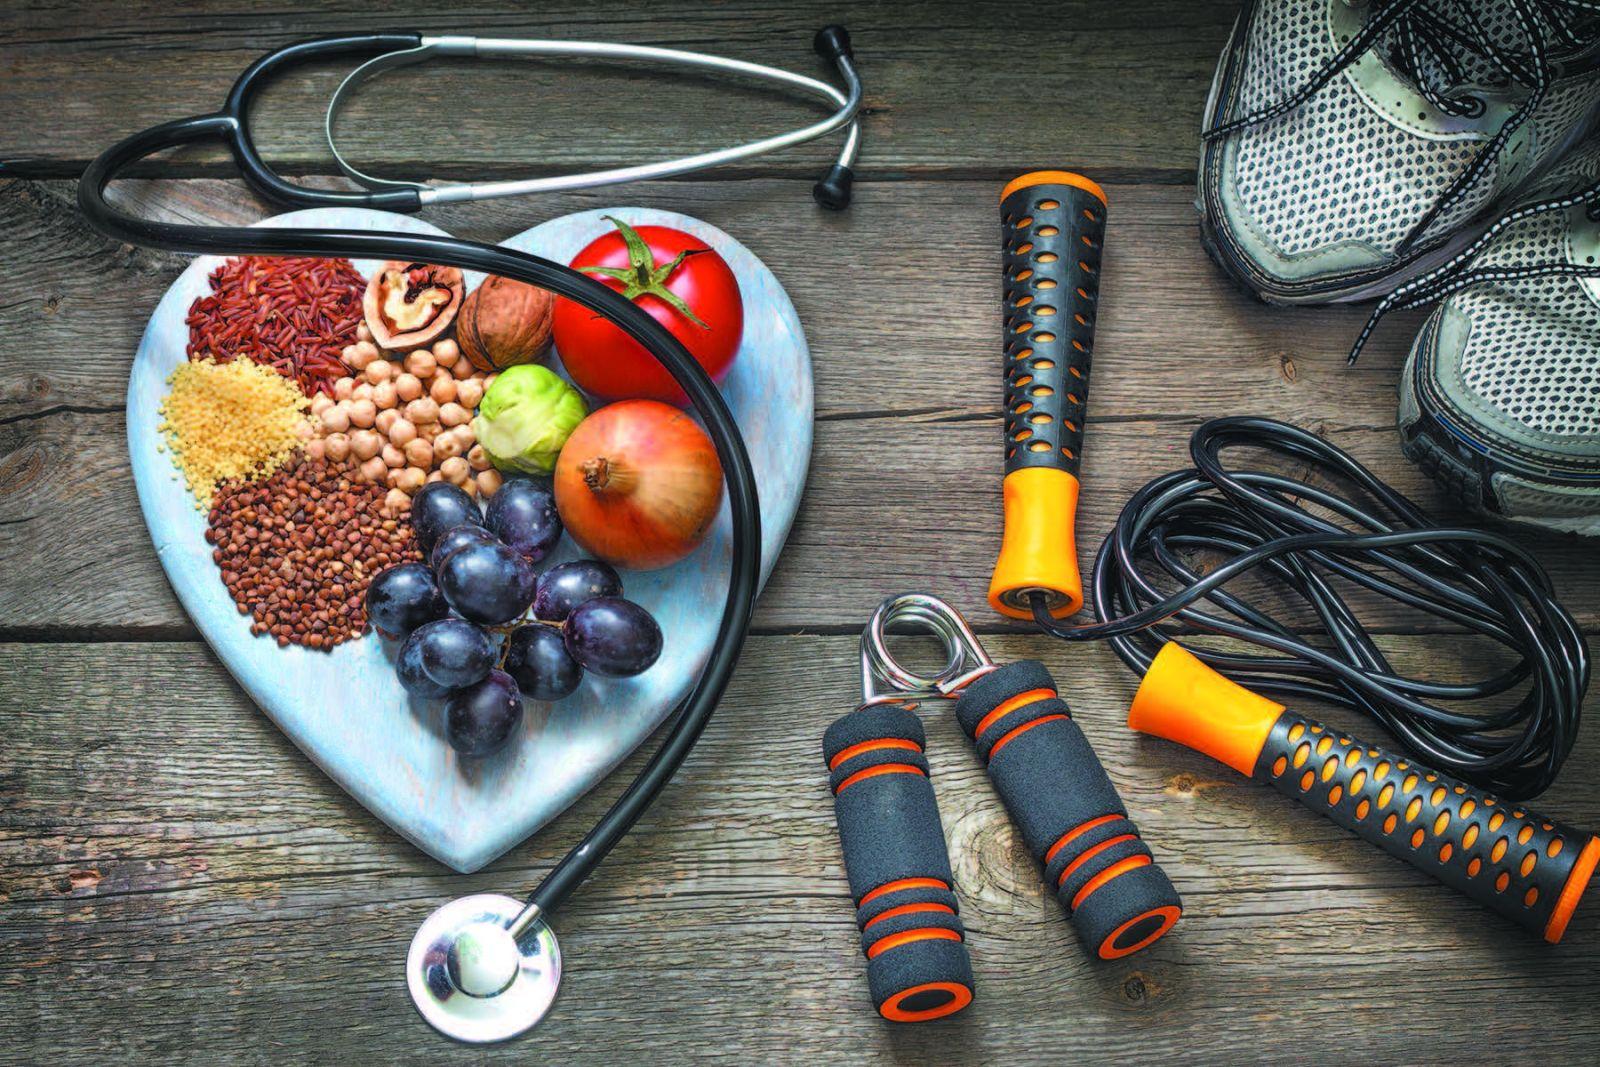 L1703_Healthy_TSk-512686460